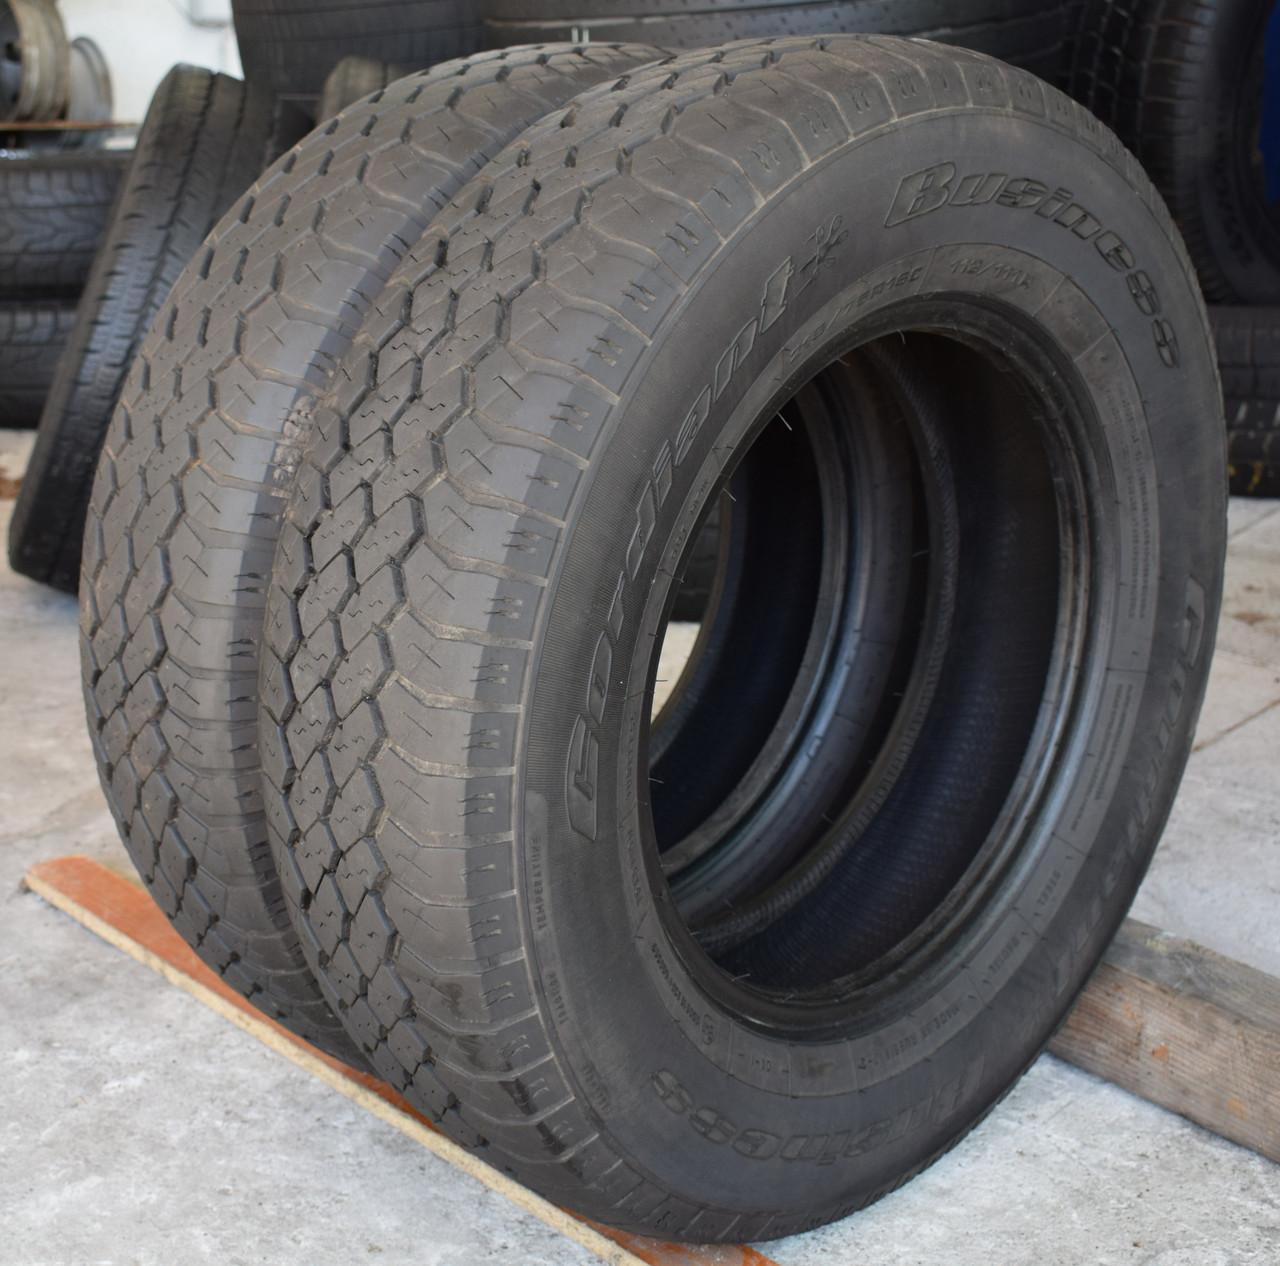 Шины б/у 215/75 R16С Cordiant Business, ЛЕТО, пара, 6-7 мм